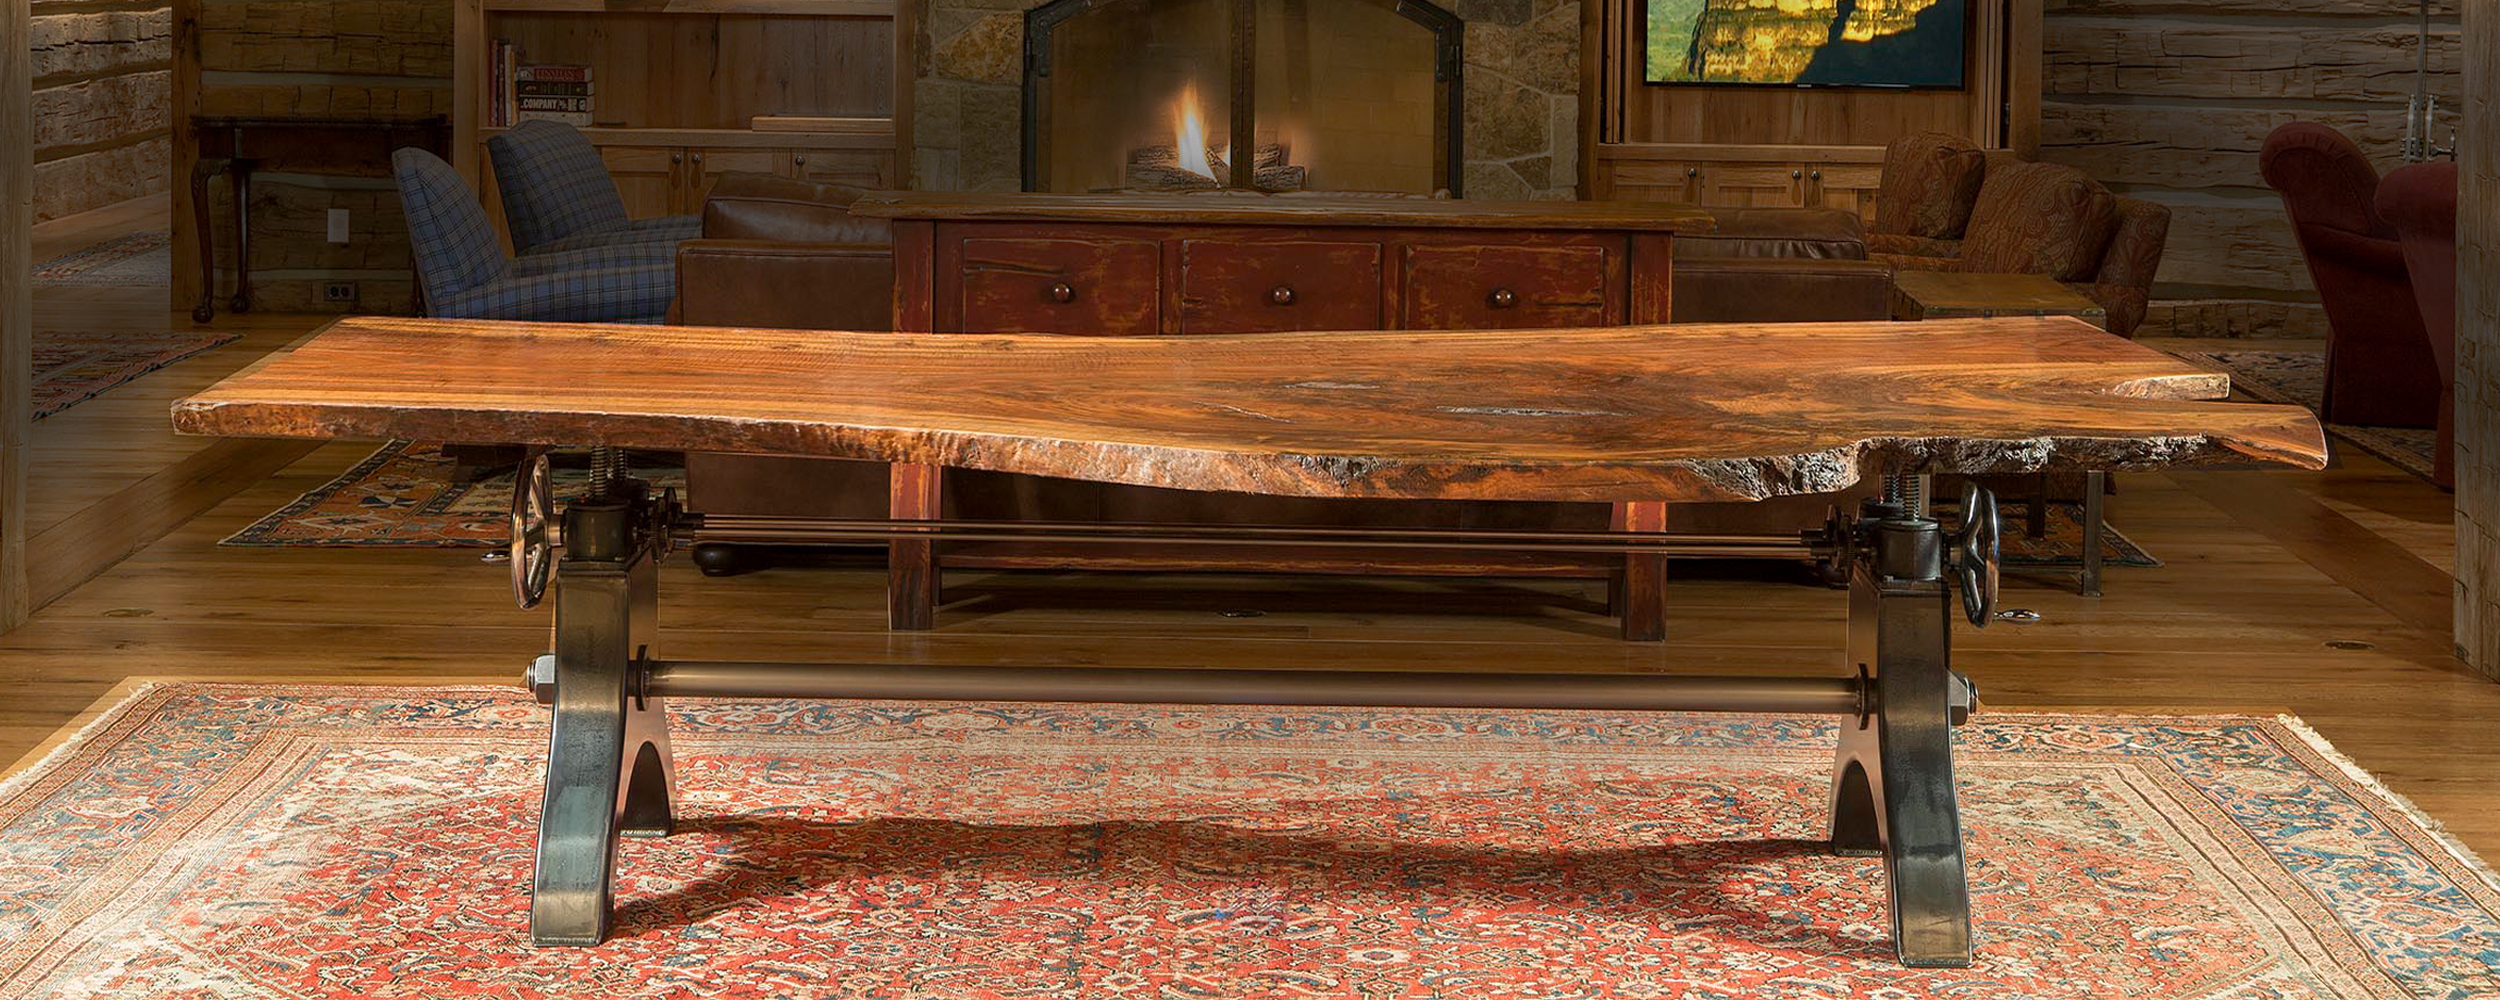 Table for home slider 2500x1000.jpg